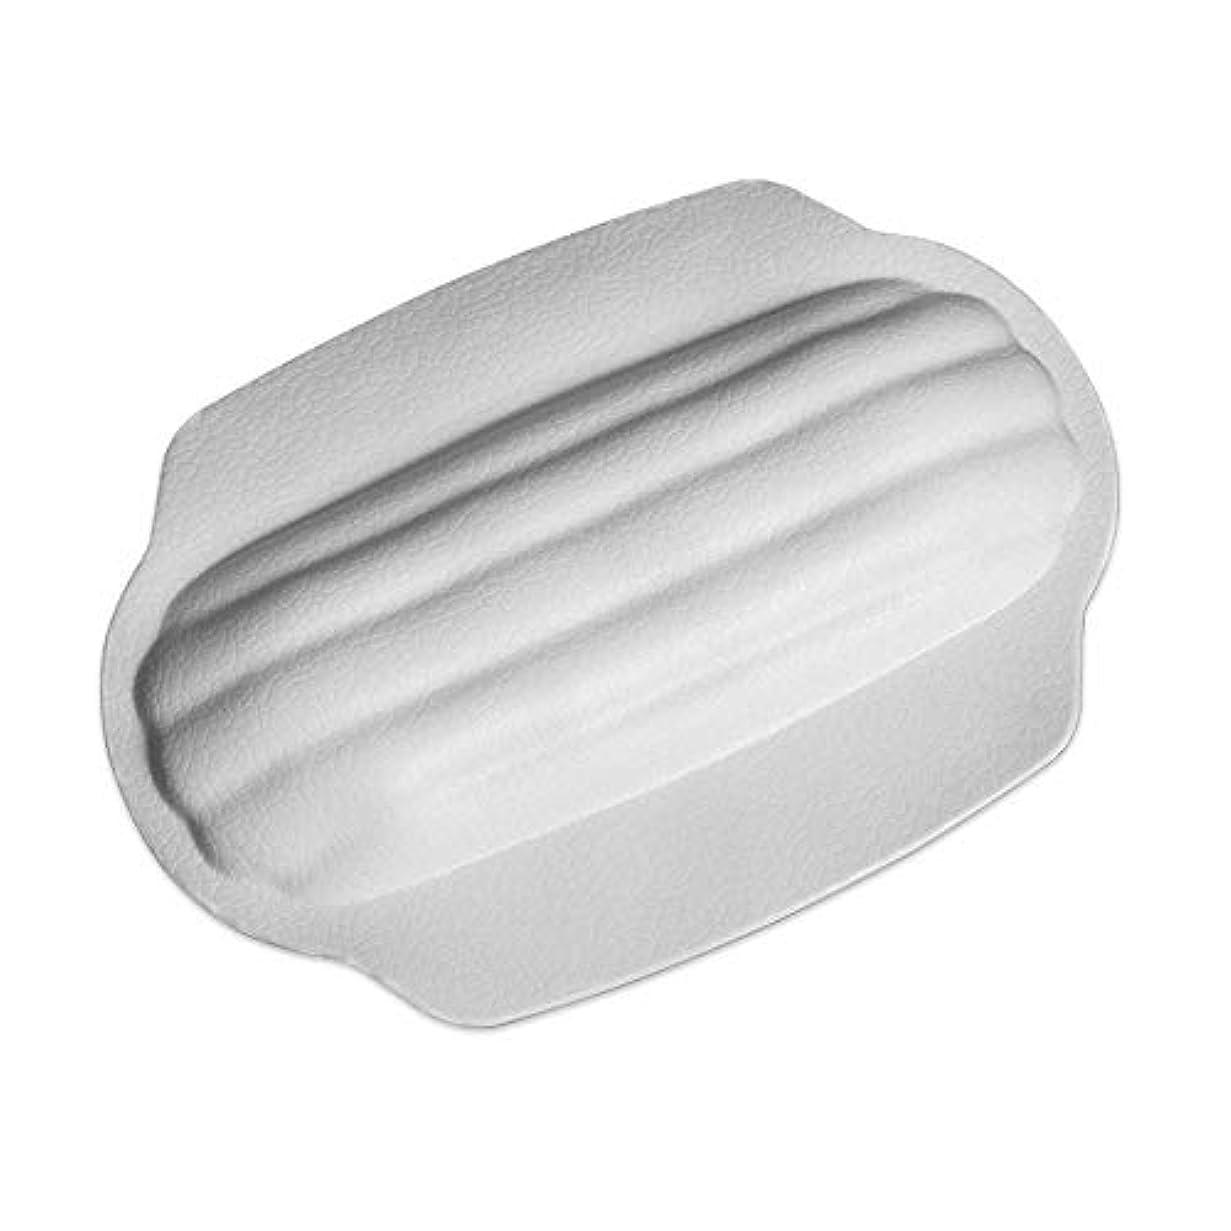 ビジター貯水池ミュートサクションカップ付き防水滑り止めスパ枕厚めユニバーサルバスタブ枕バスタブと抗菌性